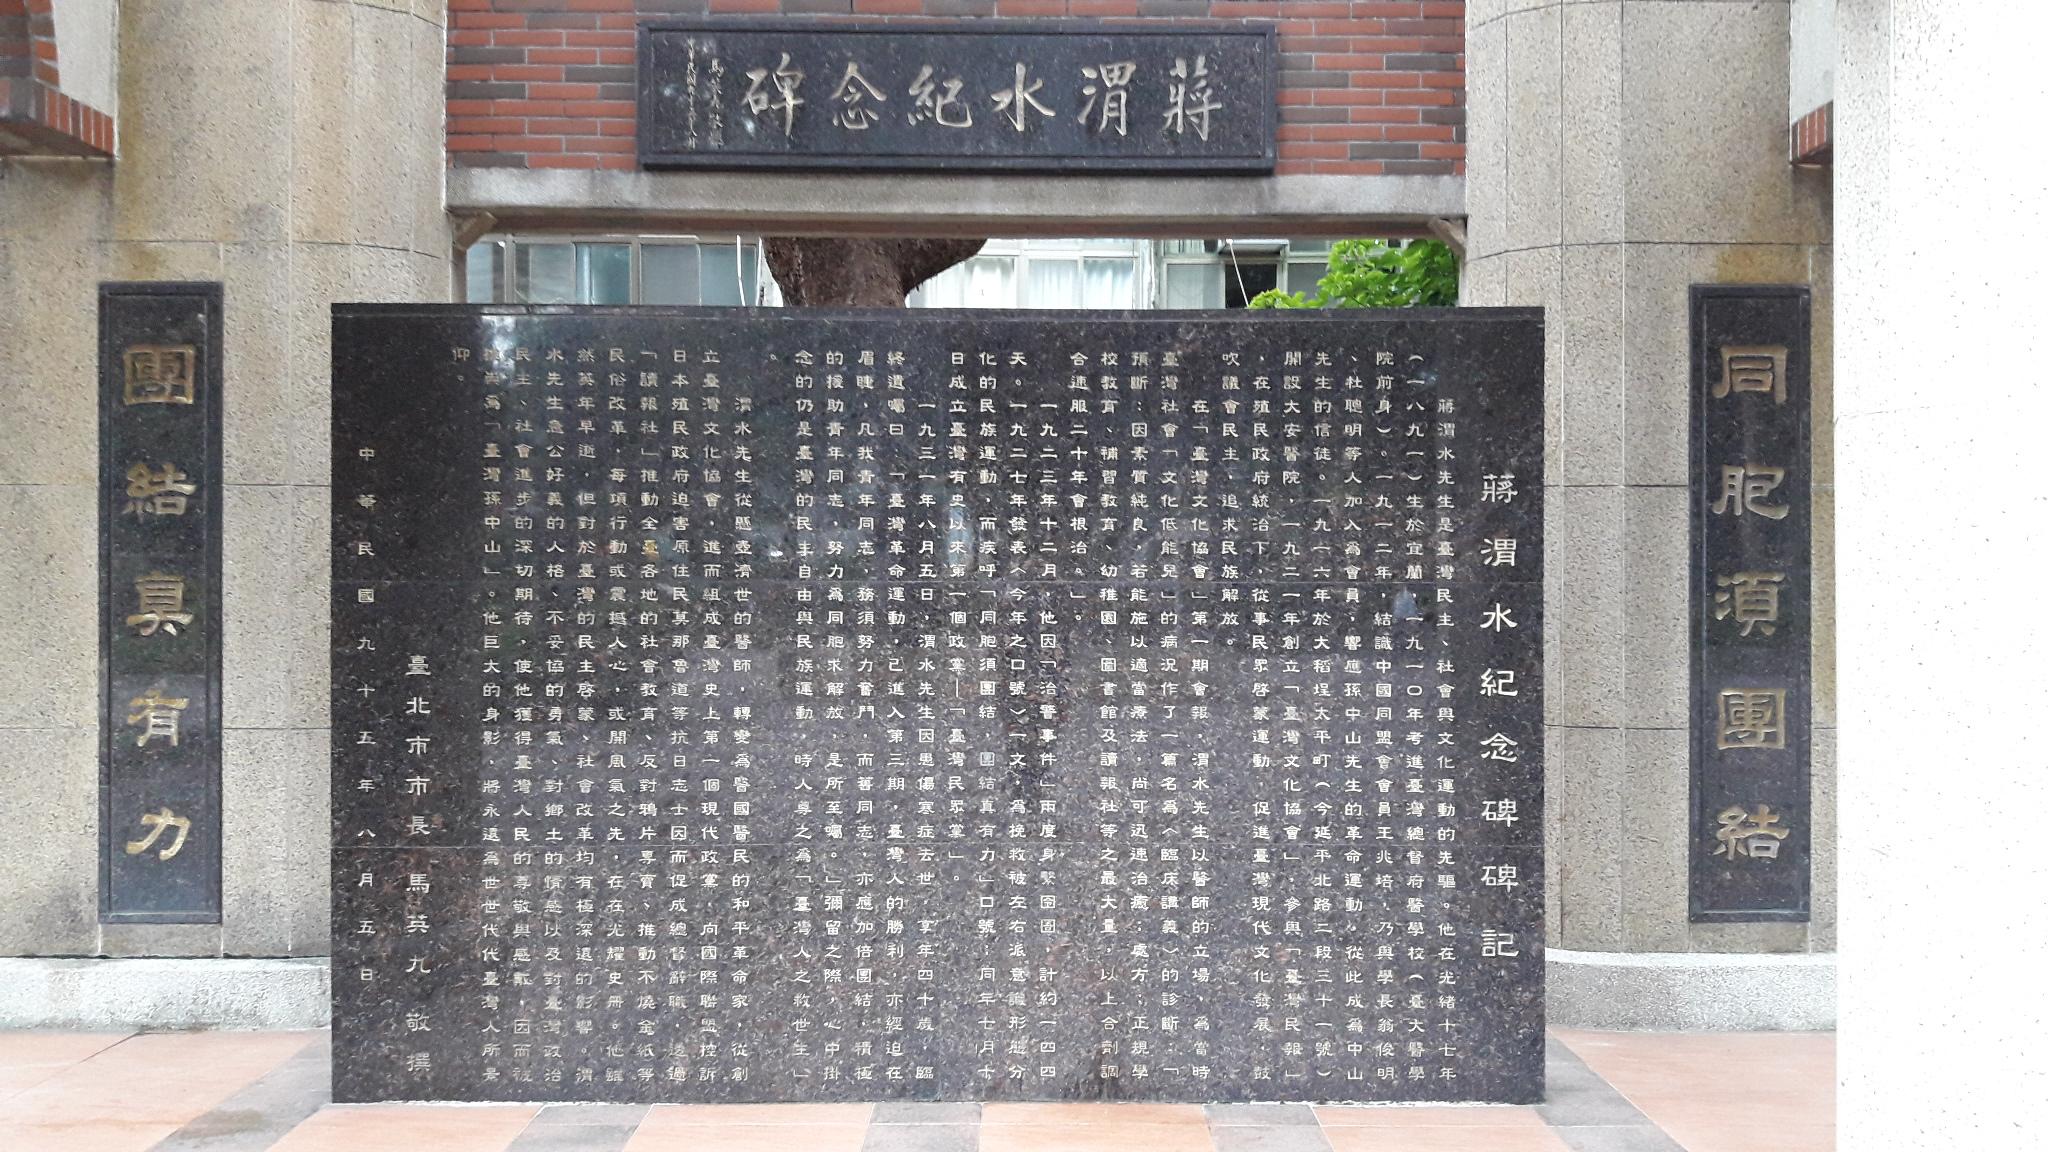 蔣渭水與台灣自由民主之路 (下)